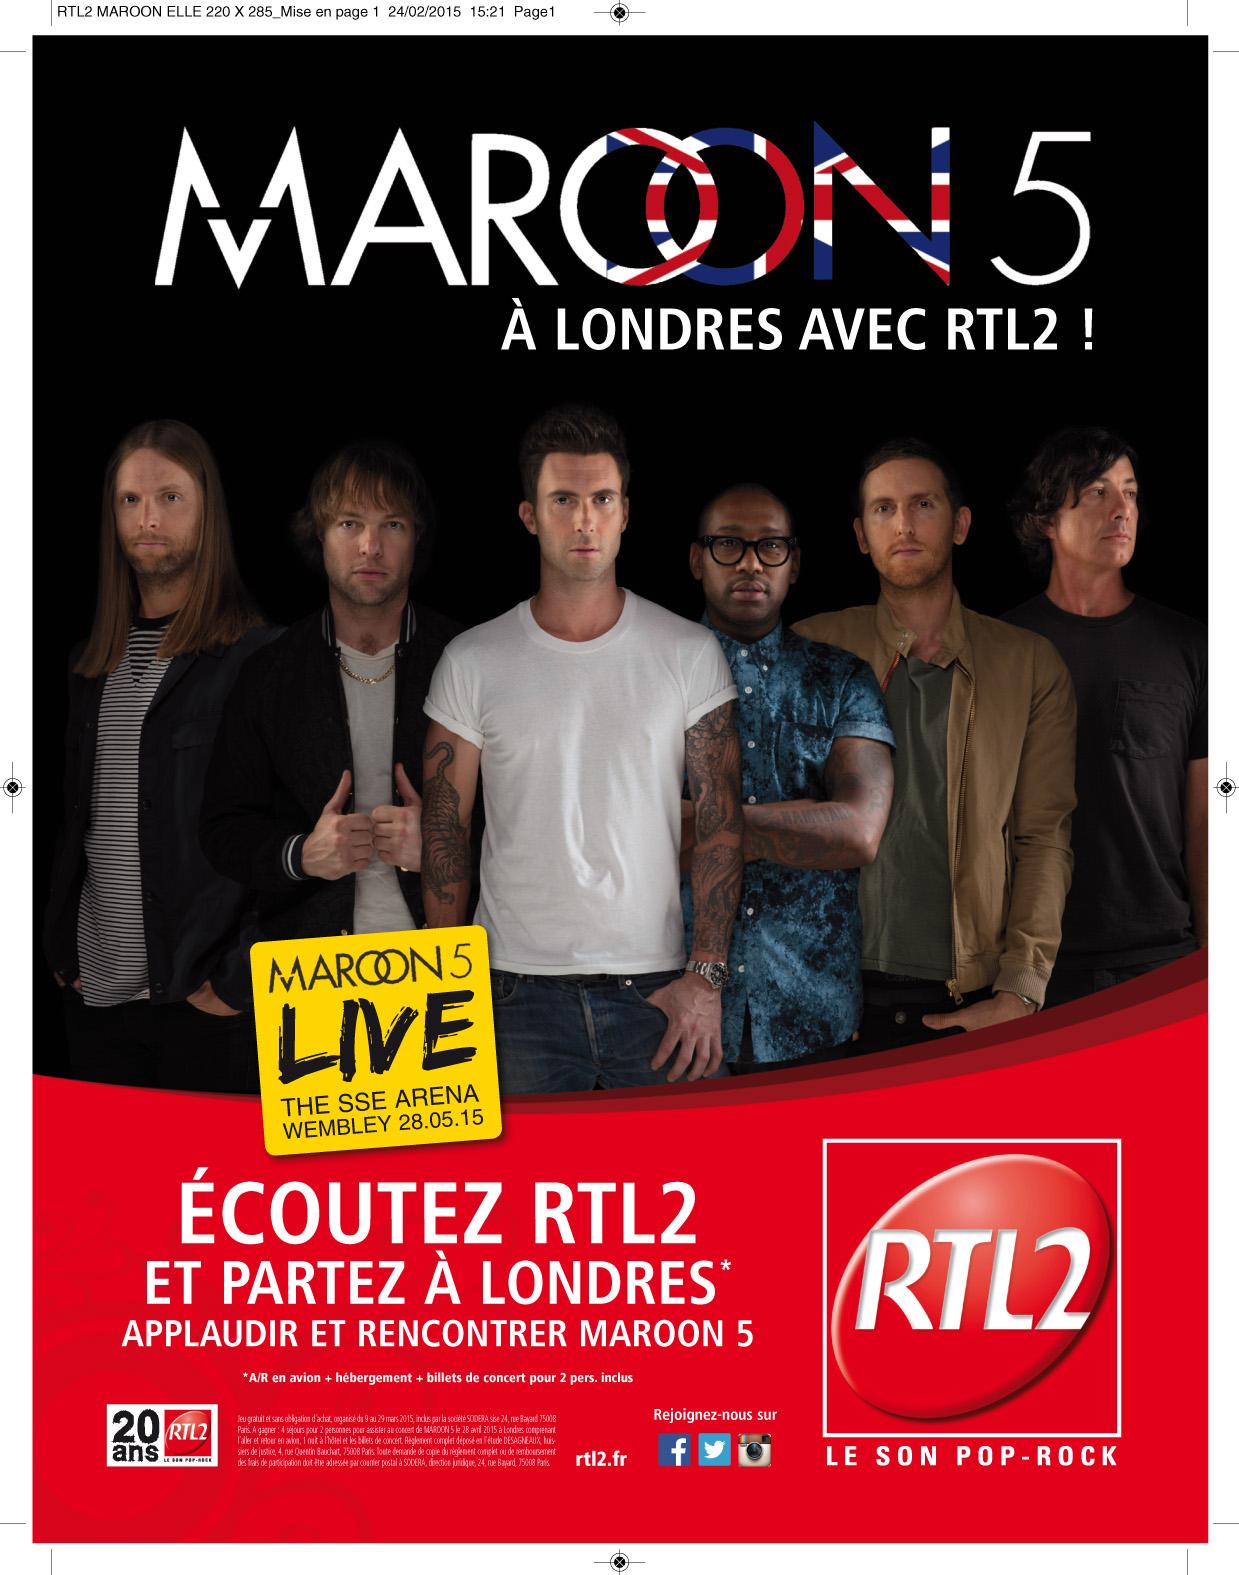 Maroon 5 invite les auditeurs à écouter RTL2